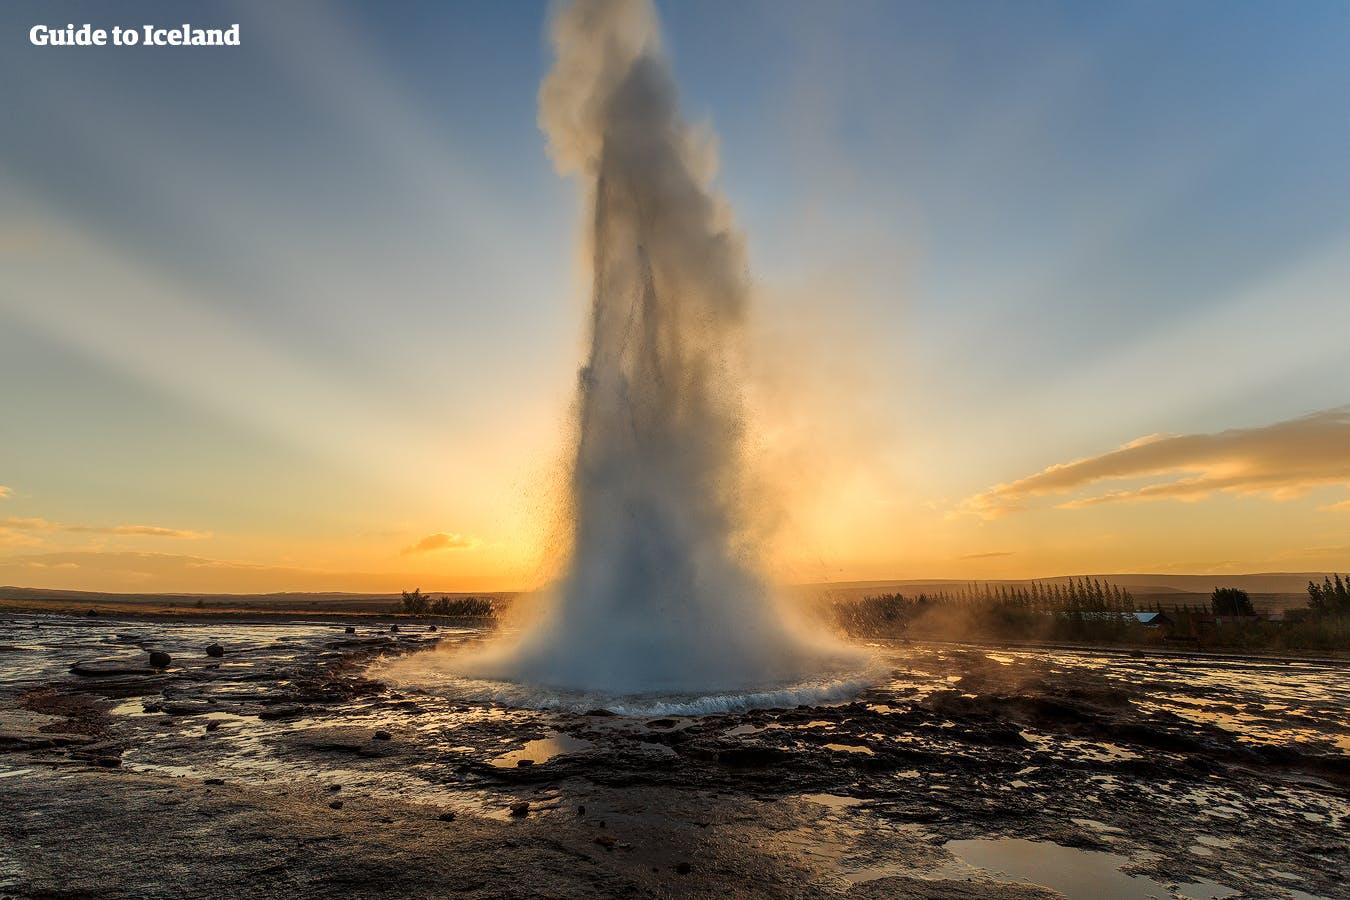 黄金圈旅行团中,您将一览间歇泉的活跃与地质运动的神奇